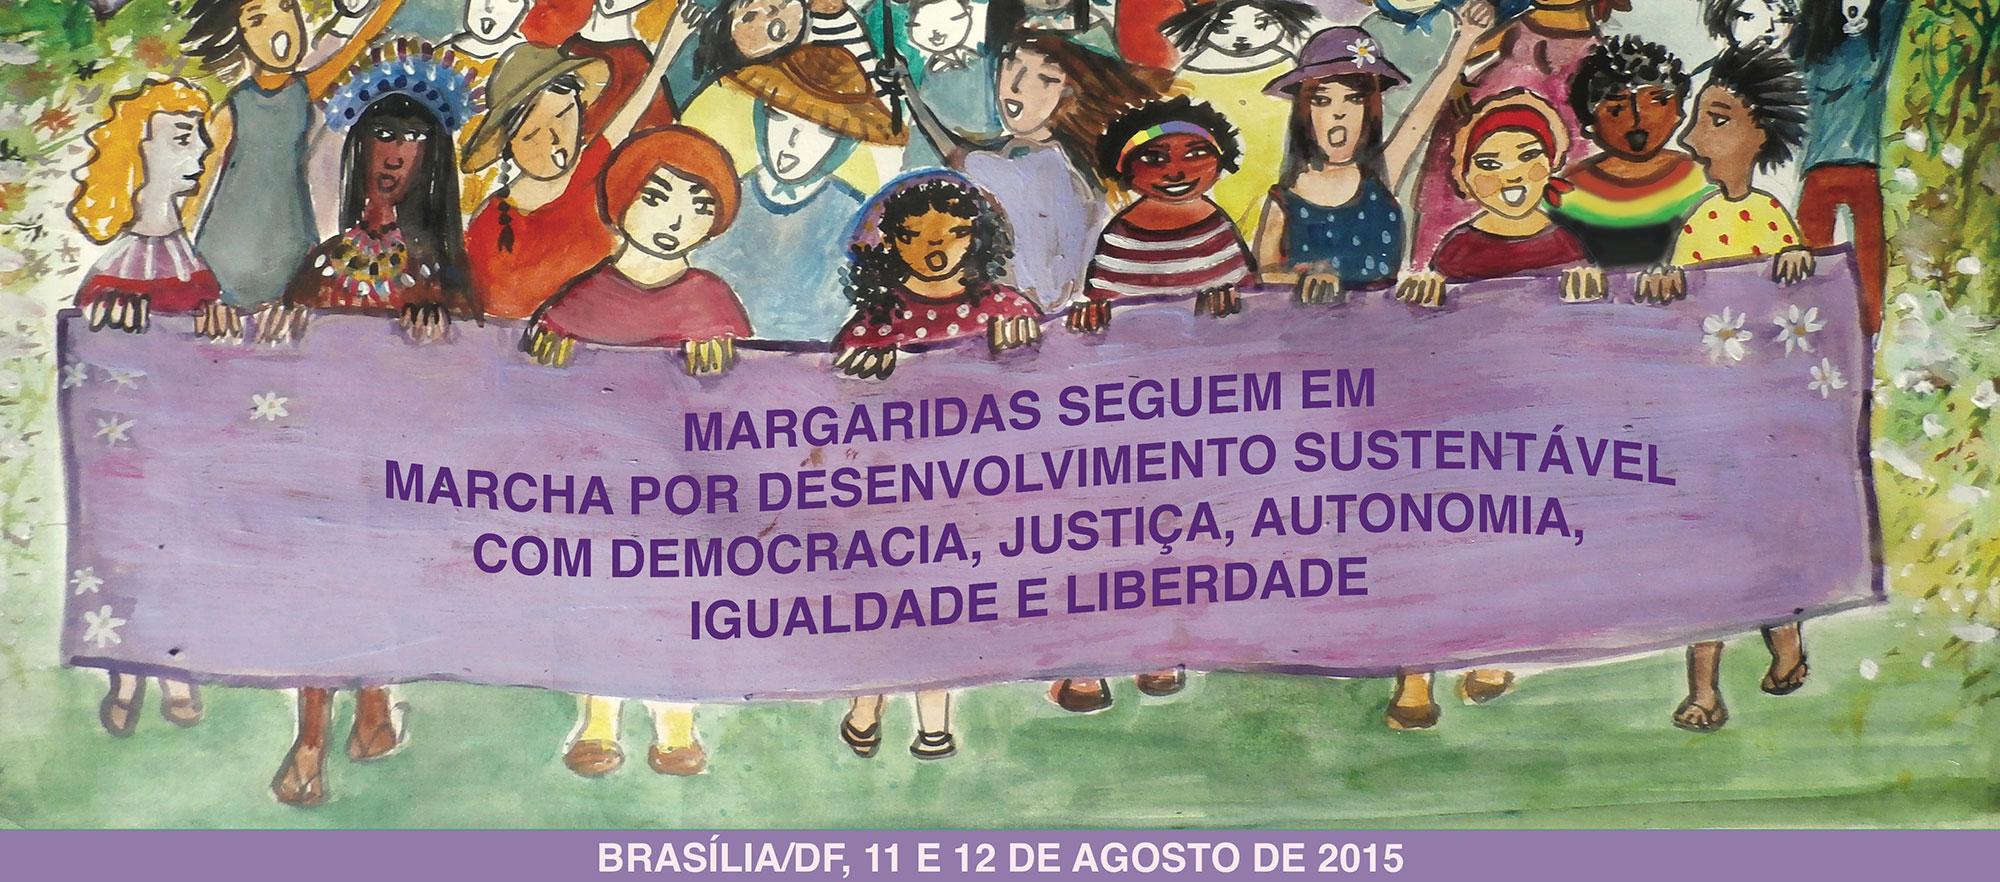 marcha2015